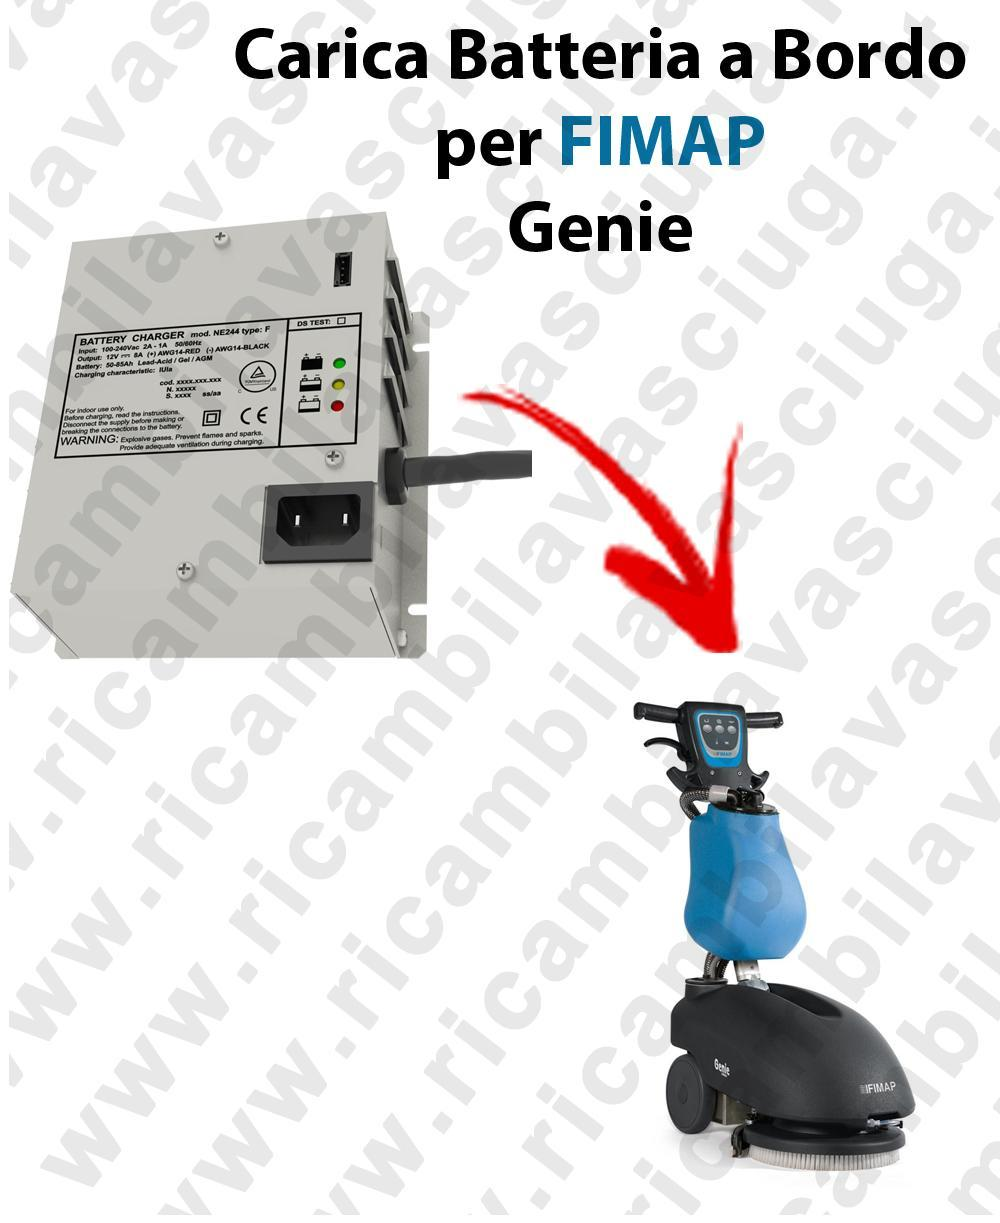 Genie Batterieladegerät auf bord für scheuersaugmaschinen FIMAP